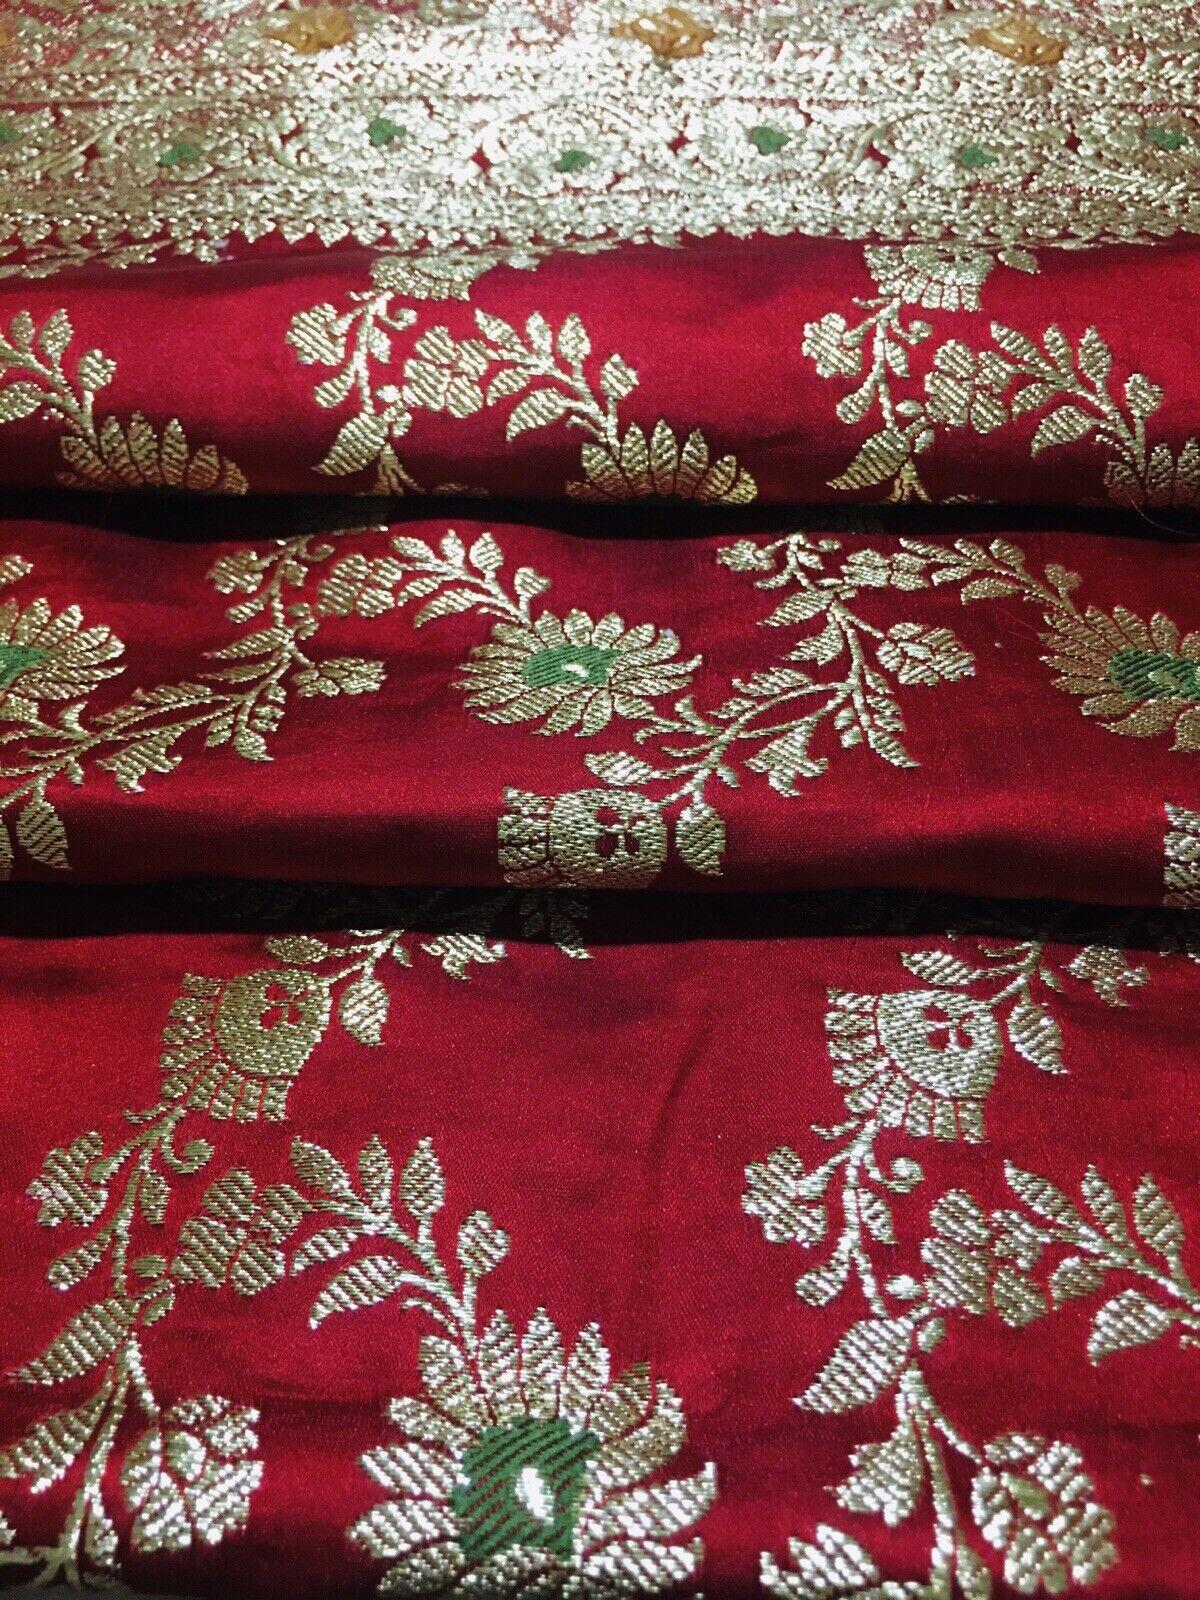 Pure Banarasi Wedding Saree, Red & Gold Colours with Matching Dupatta